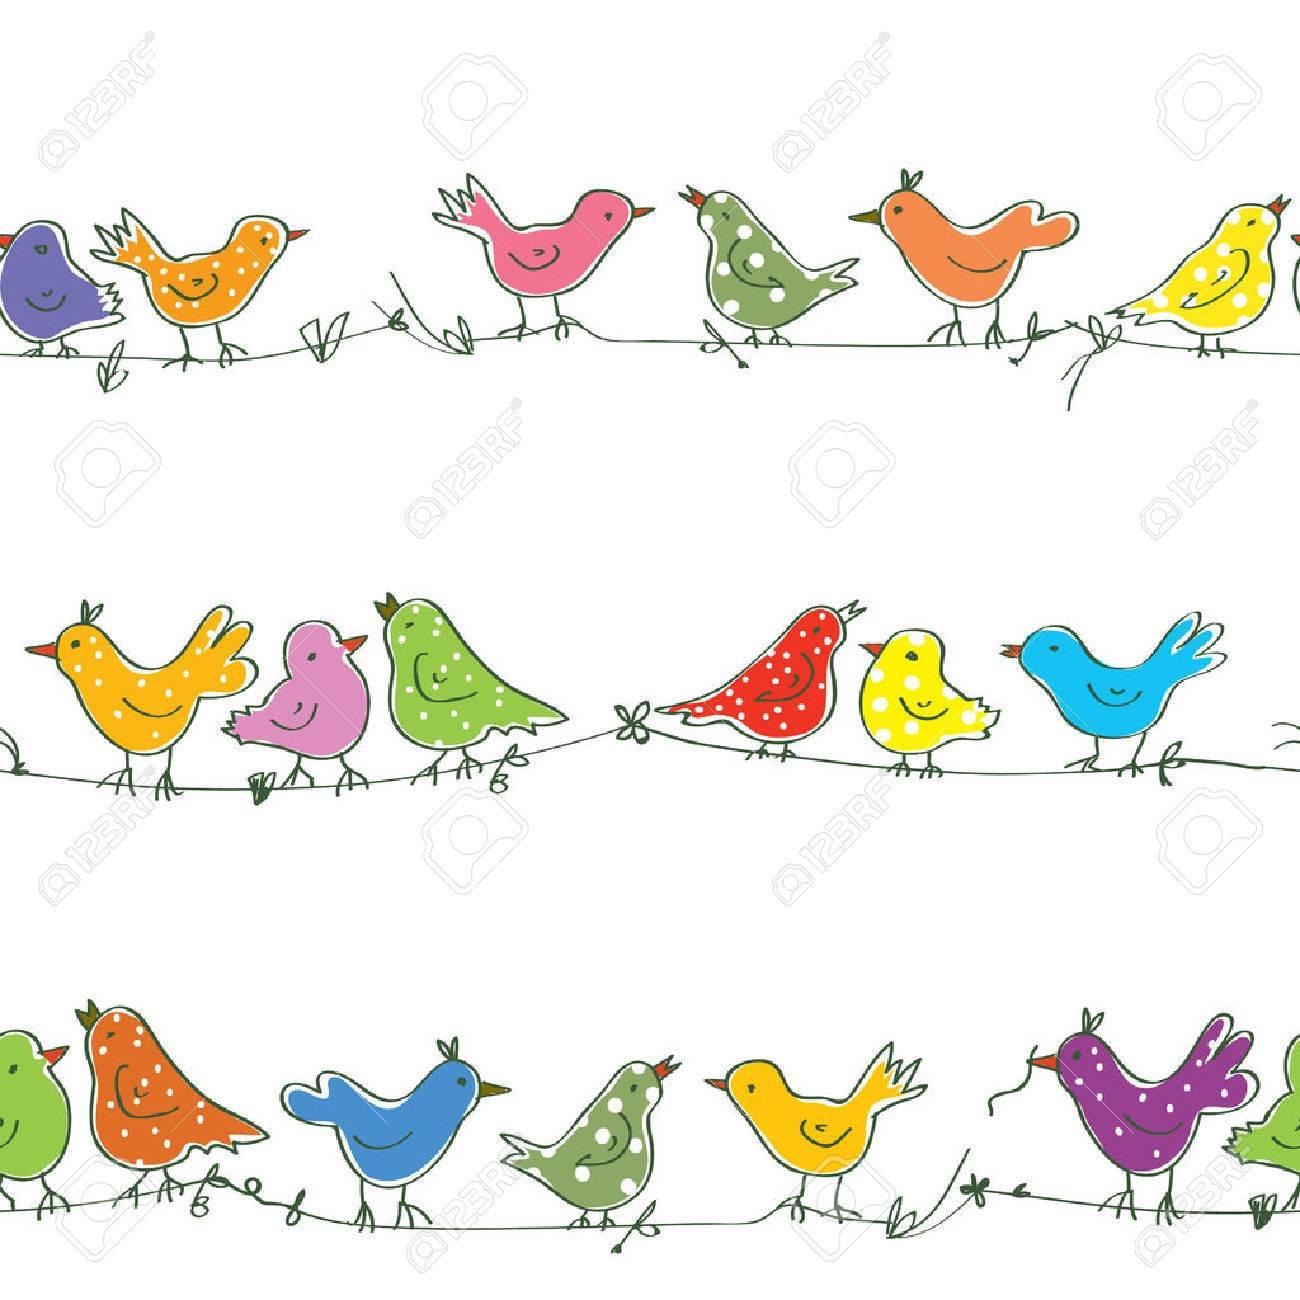 Funny birds seamless pattern - bright vector illustration - 52592831